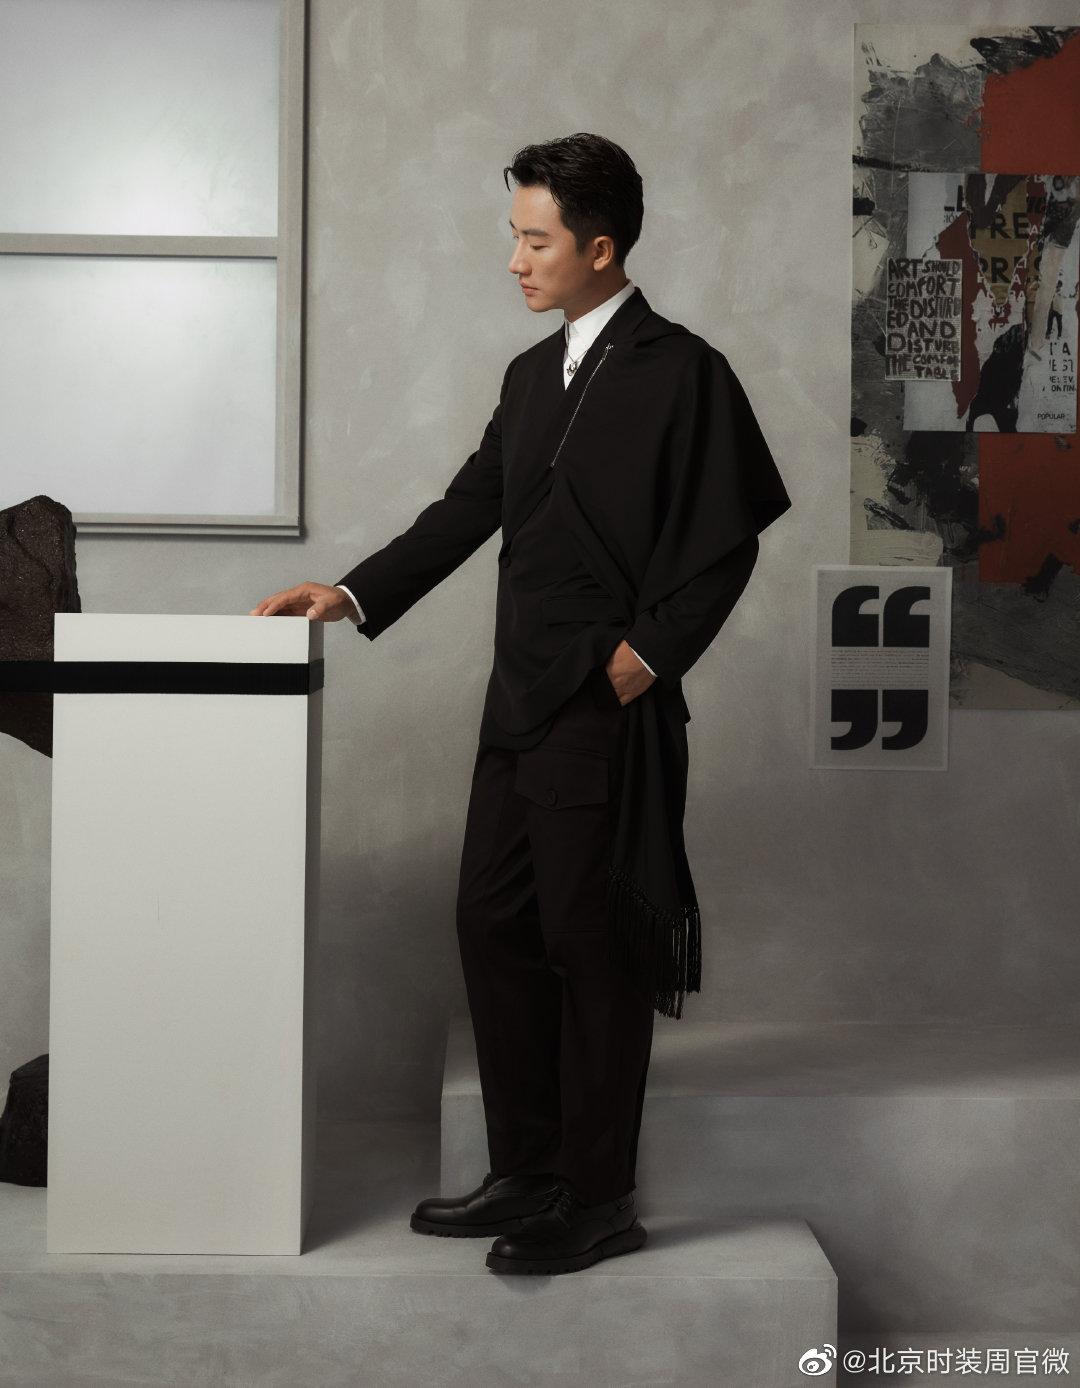 精致演绎DIOR迪奥二零二零冬季男装系列。优雅时髦,绅士风度尽显